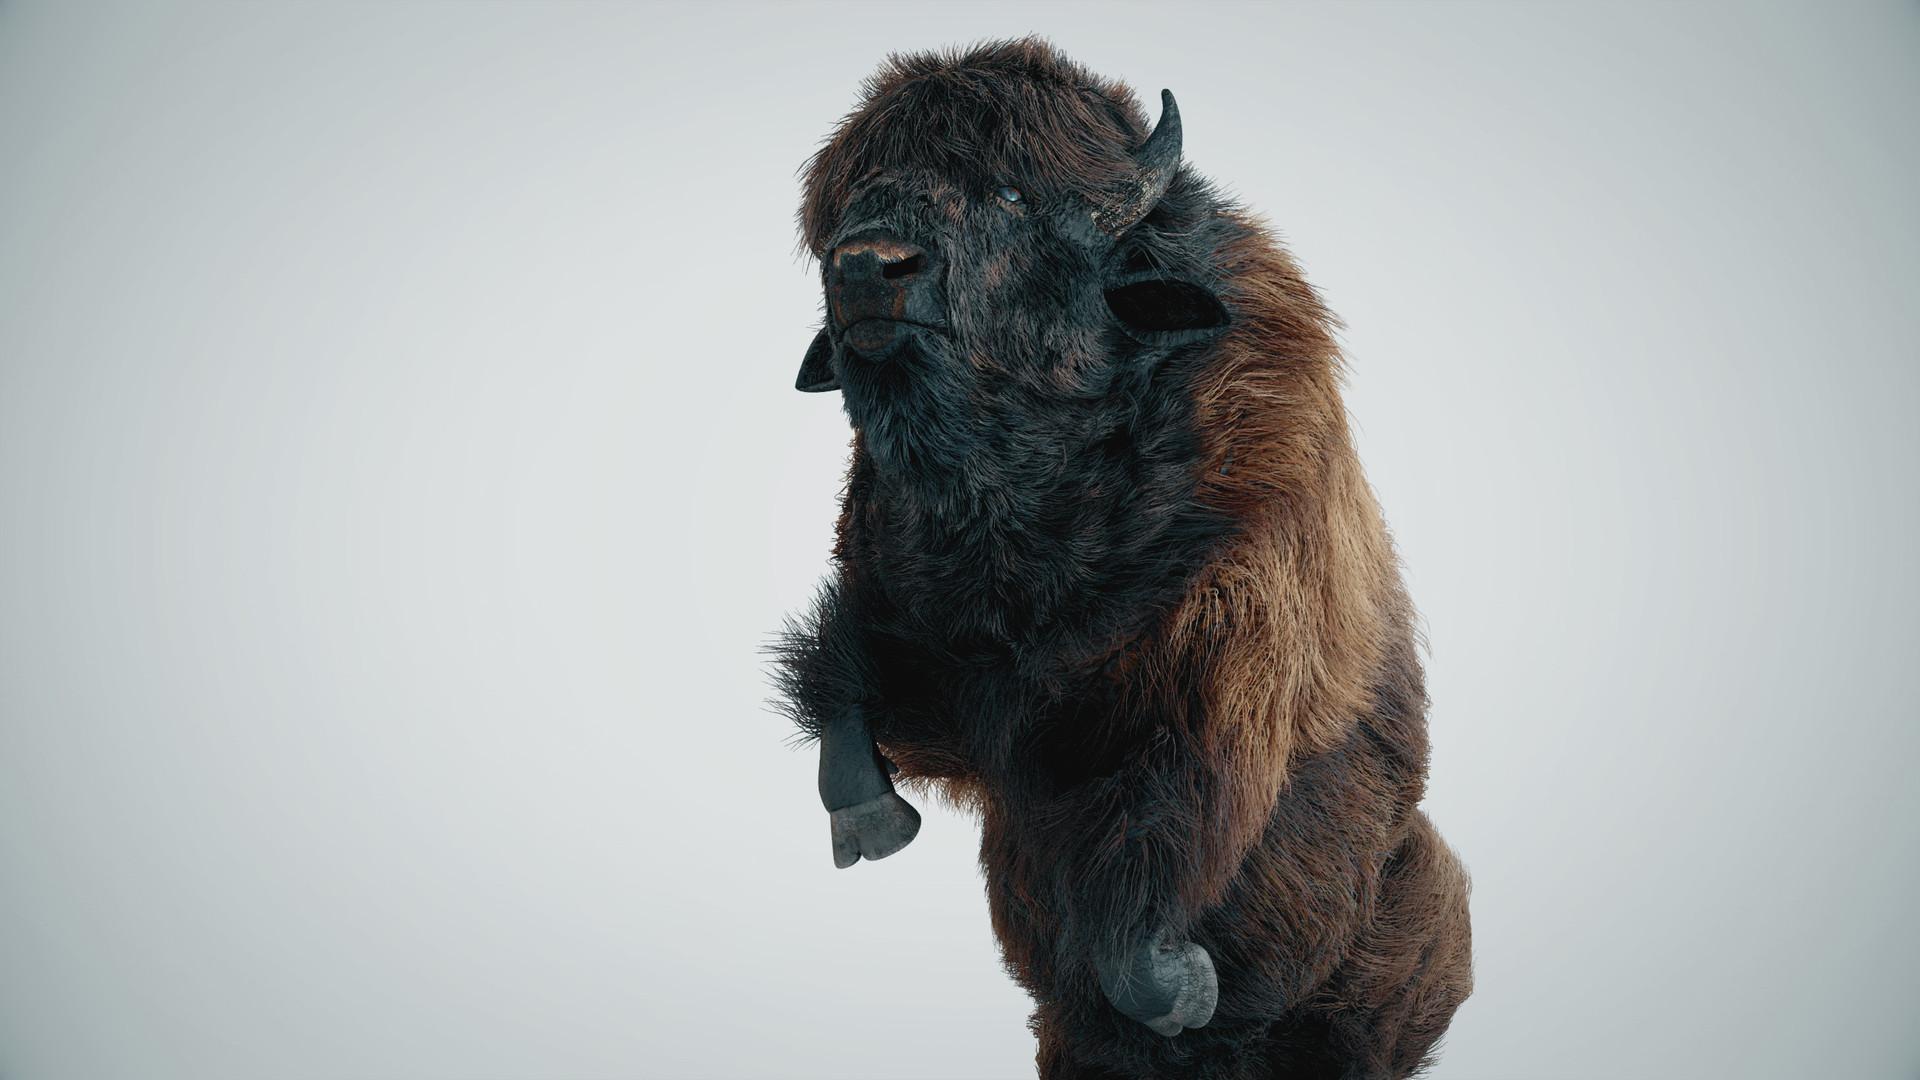 Alan kichl buffalo 01 v03 img 03